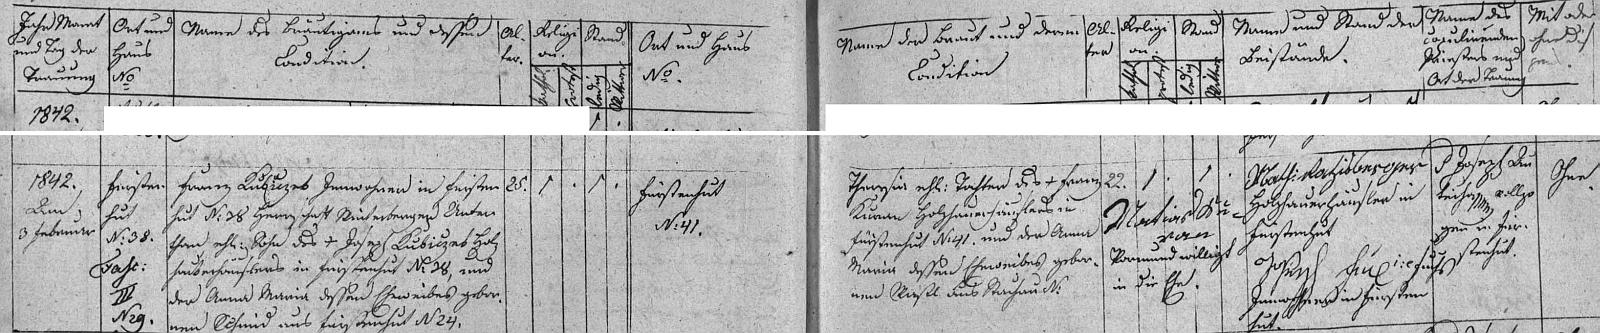 Záznam oddací matriky farní obce Knížecí Pláně o svatbě rodičů